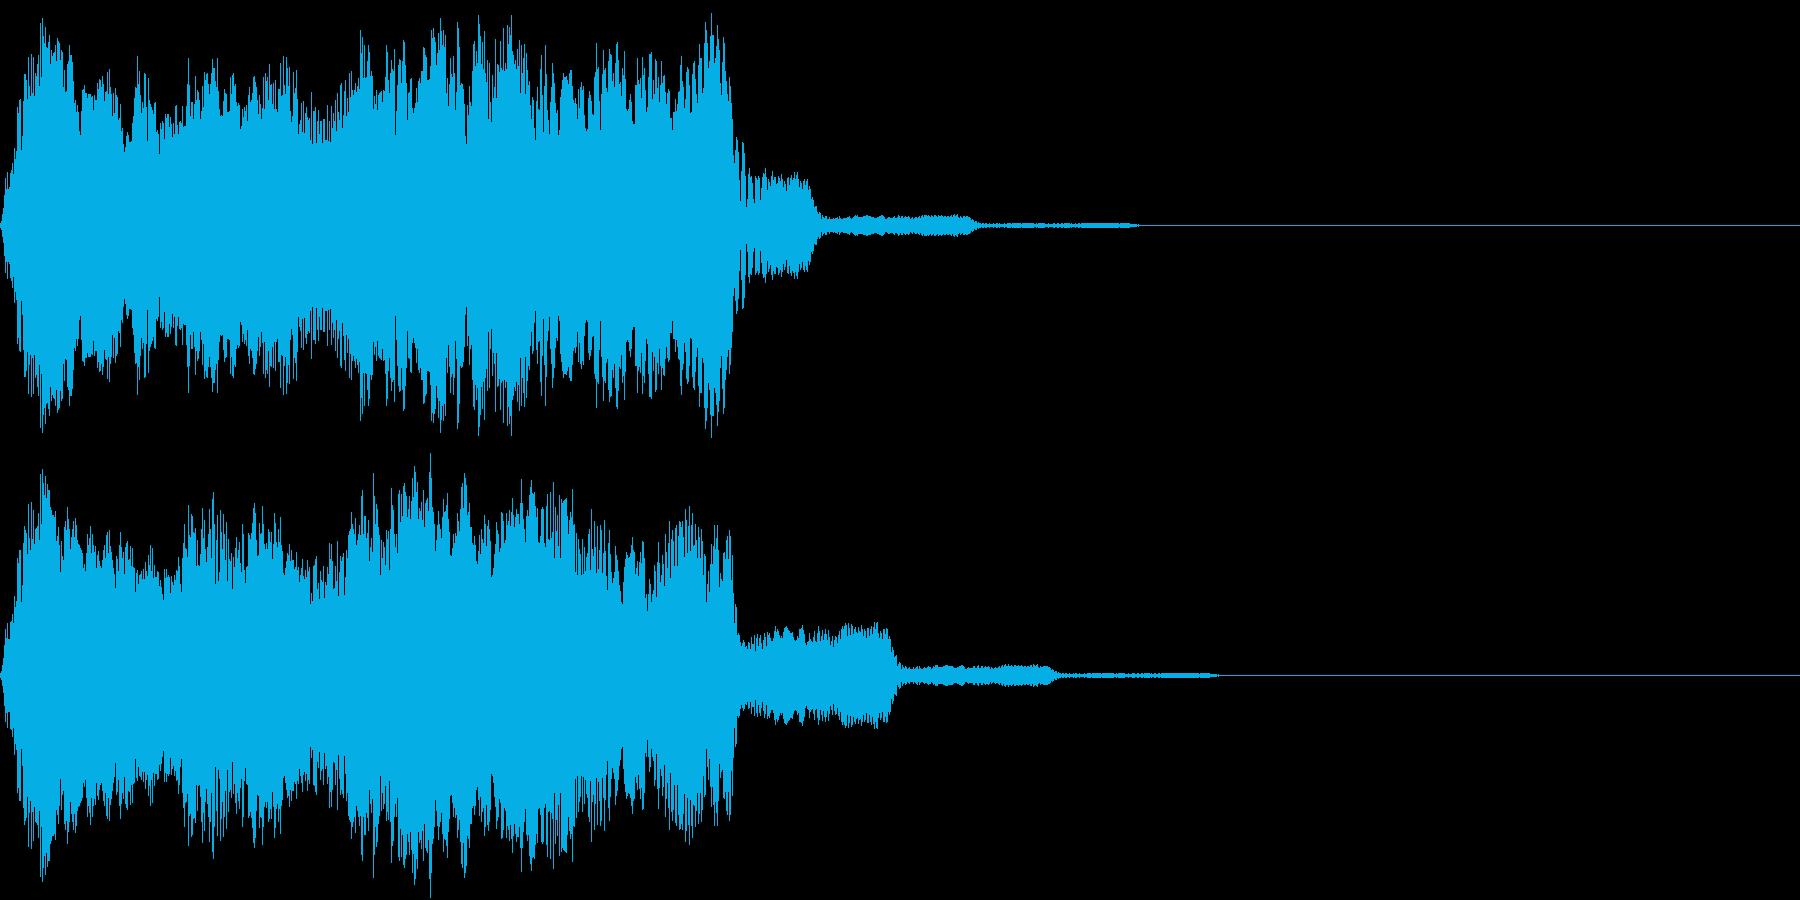 Game 蘇生・復活・回復する音 呪文音の再生済みの波形